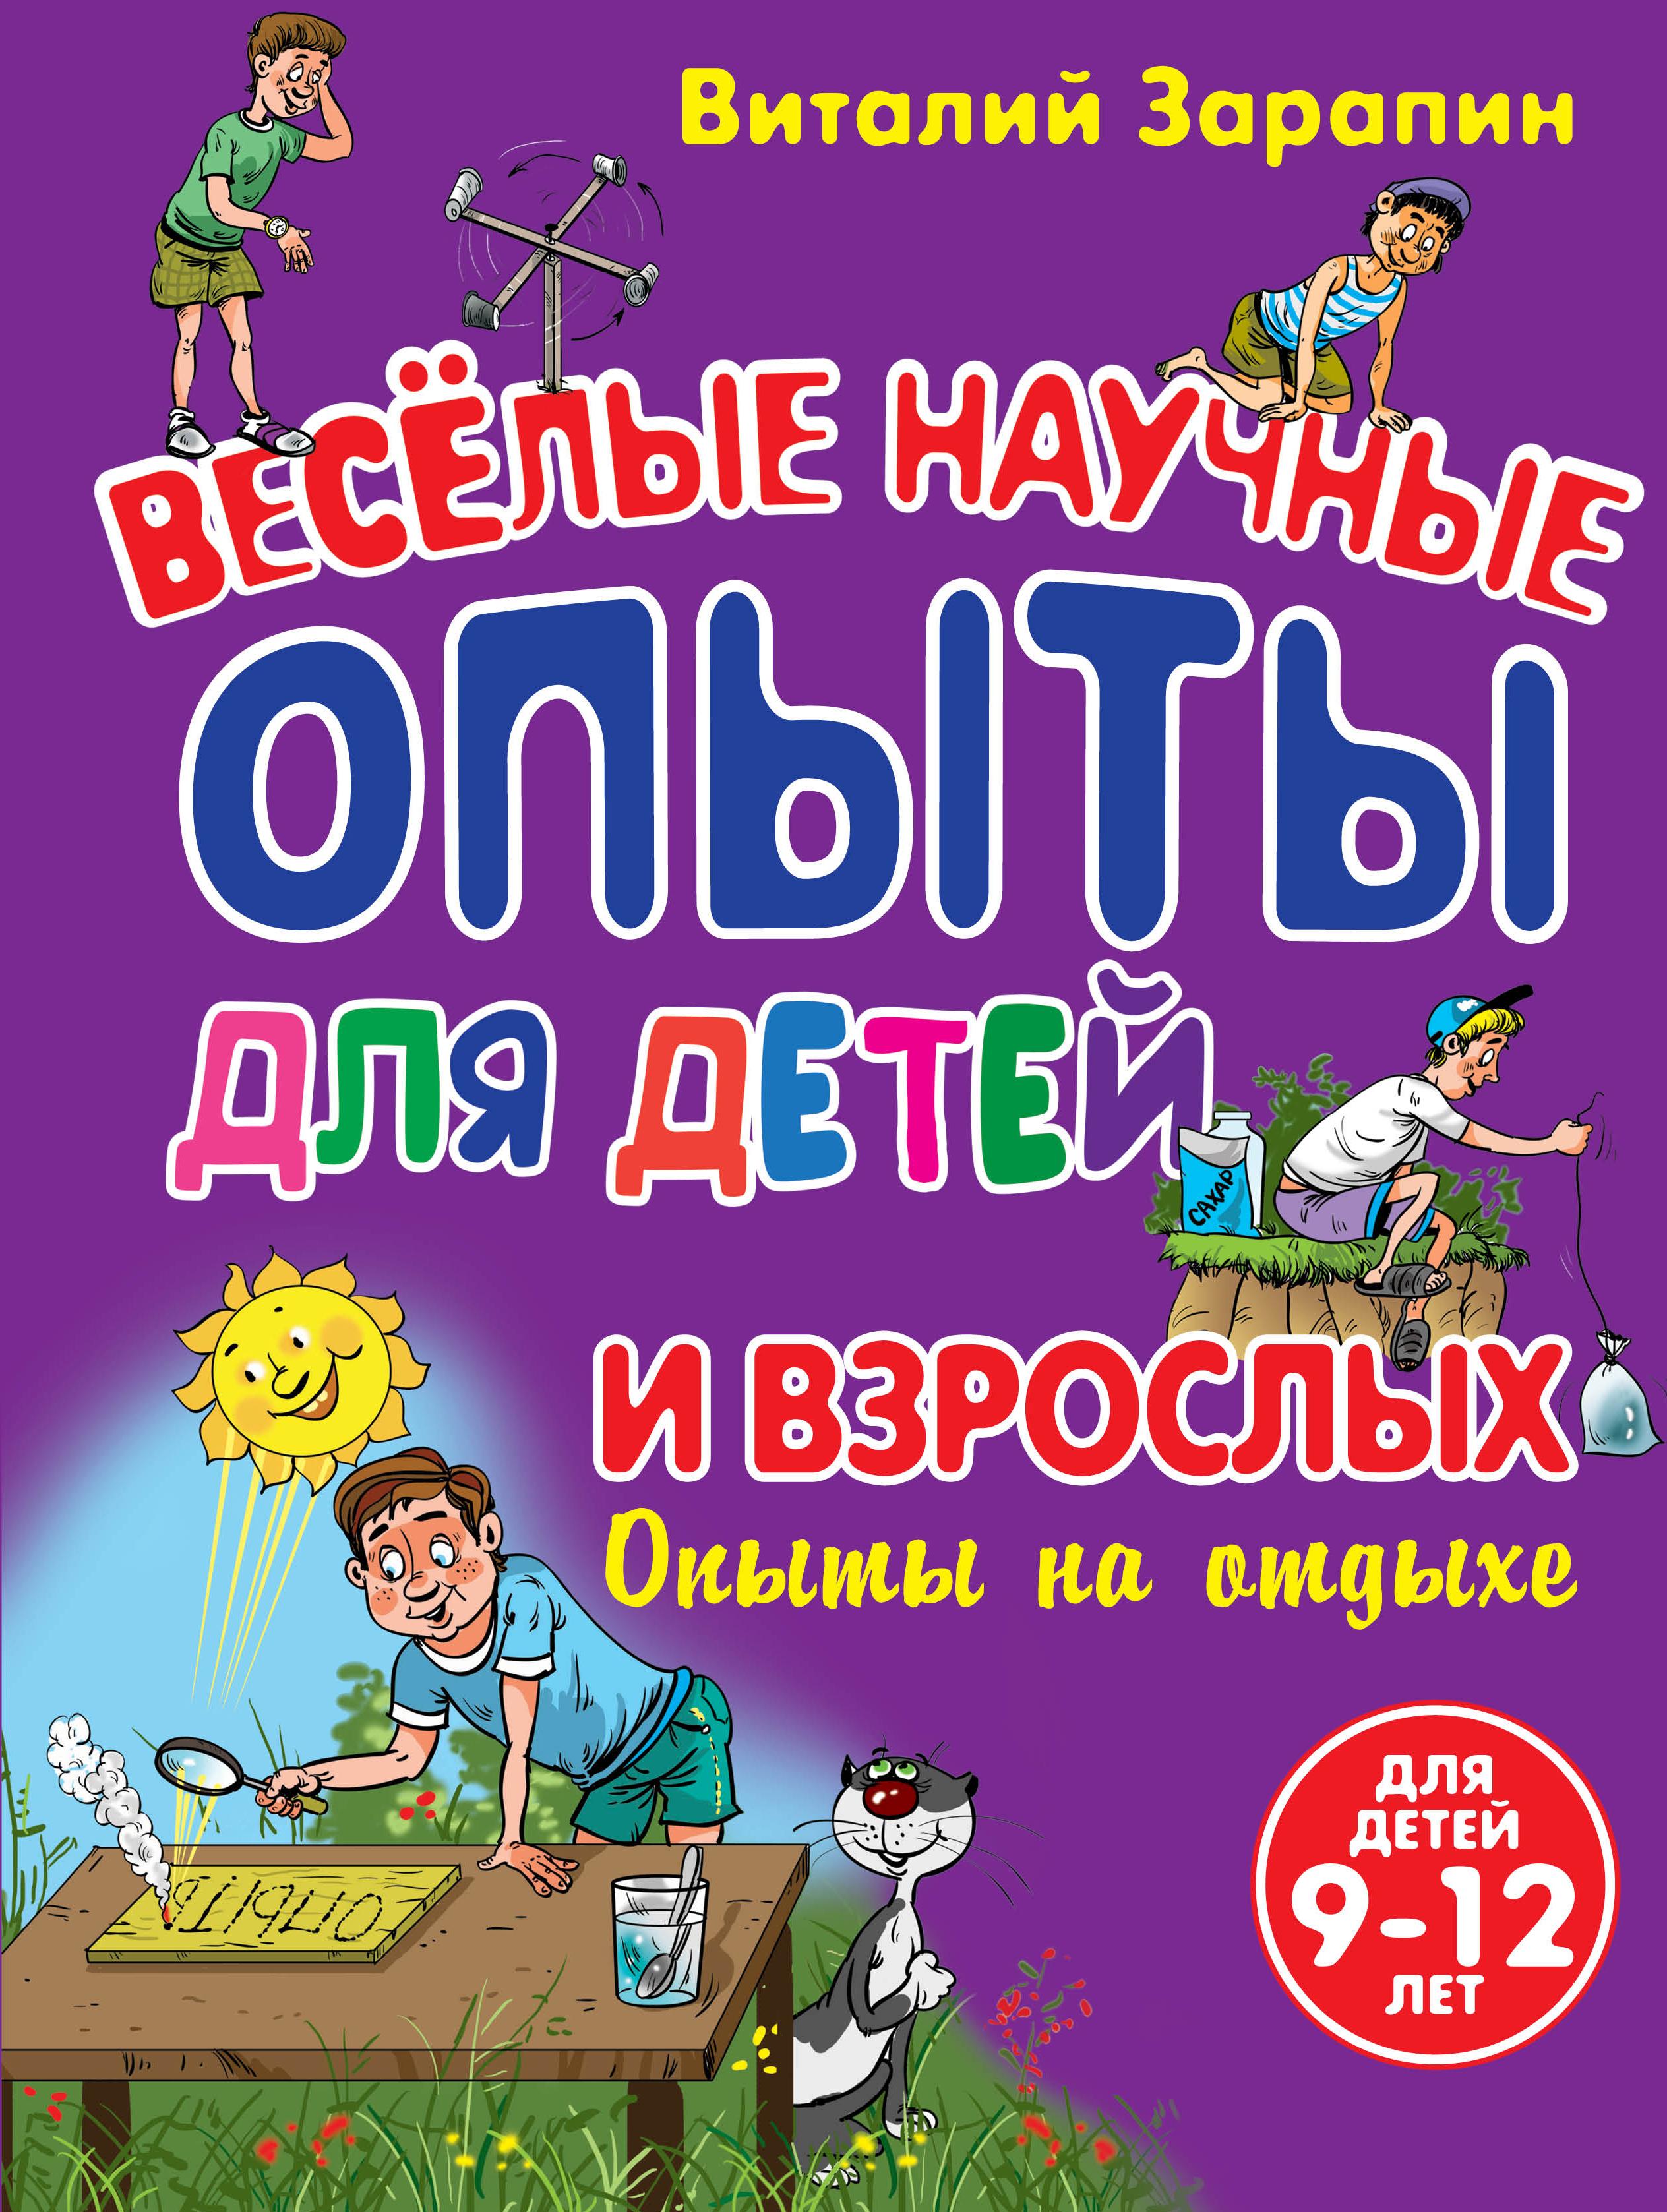 Опыты на отдыхе. Веселые научные опыты для детей и взрослых